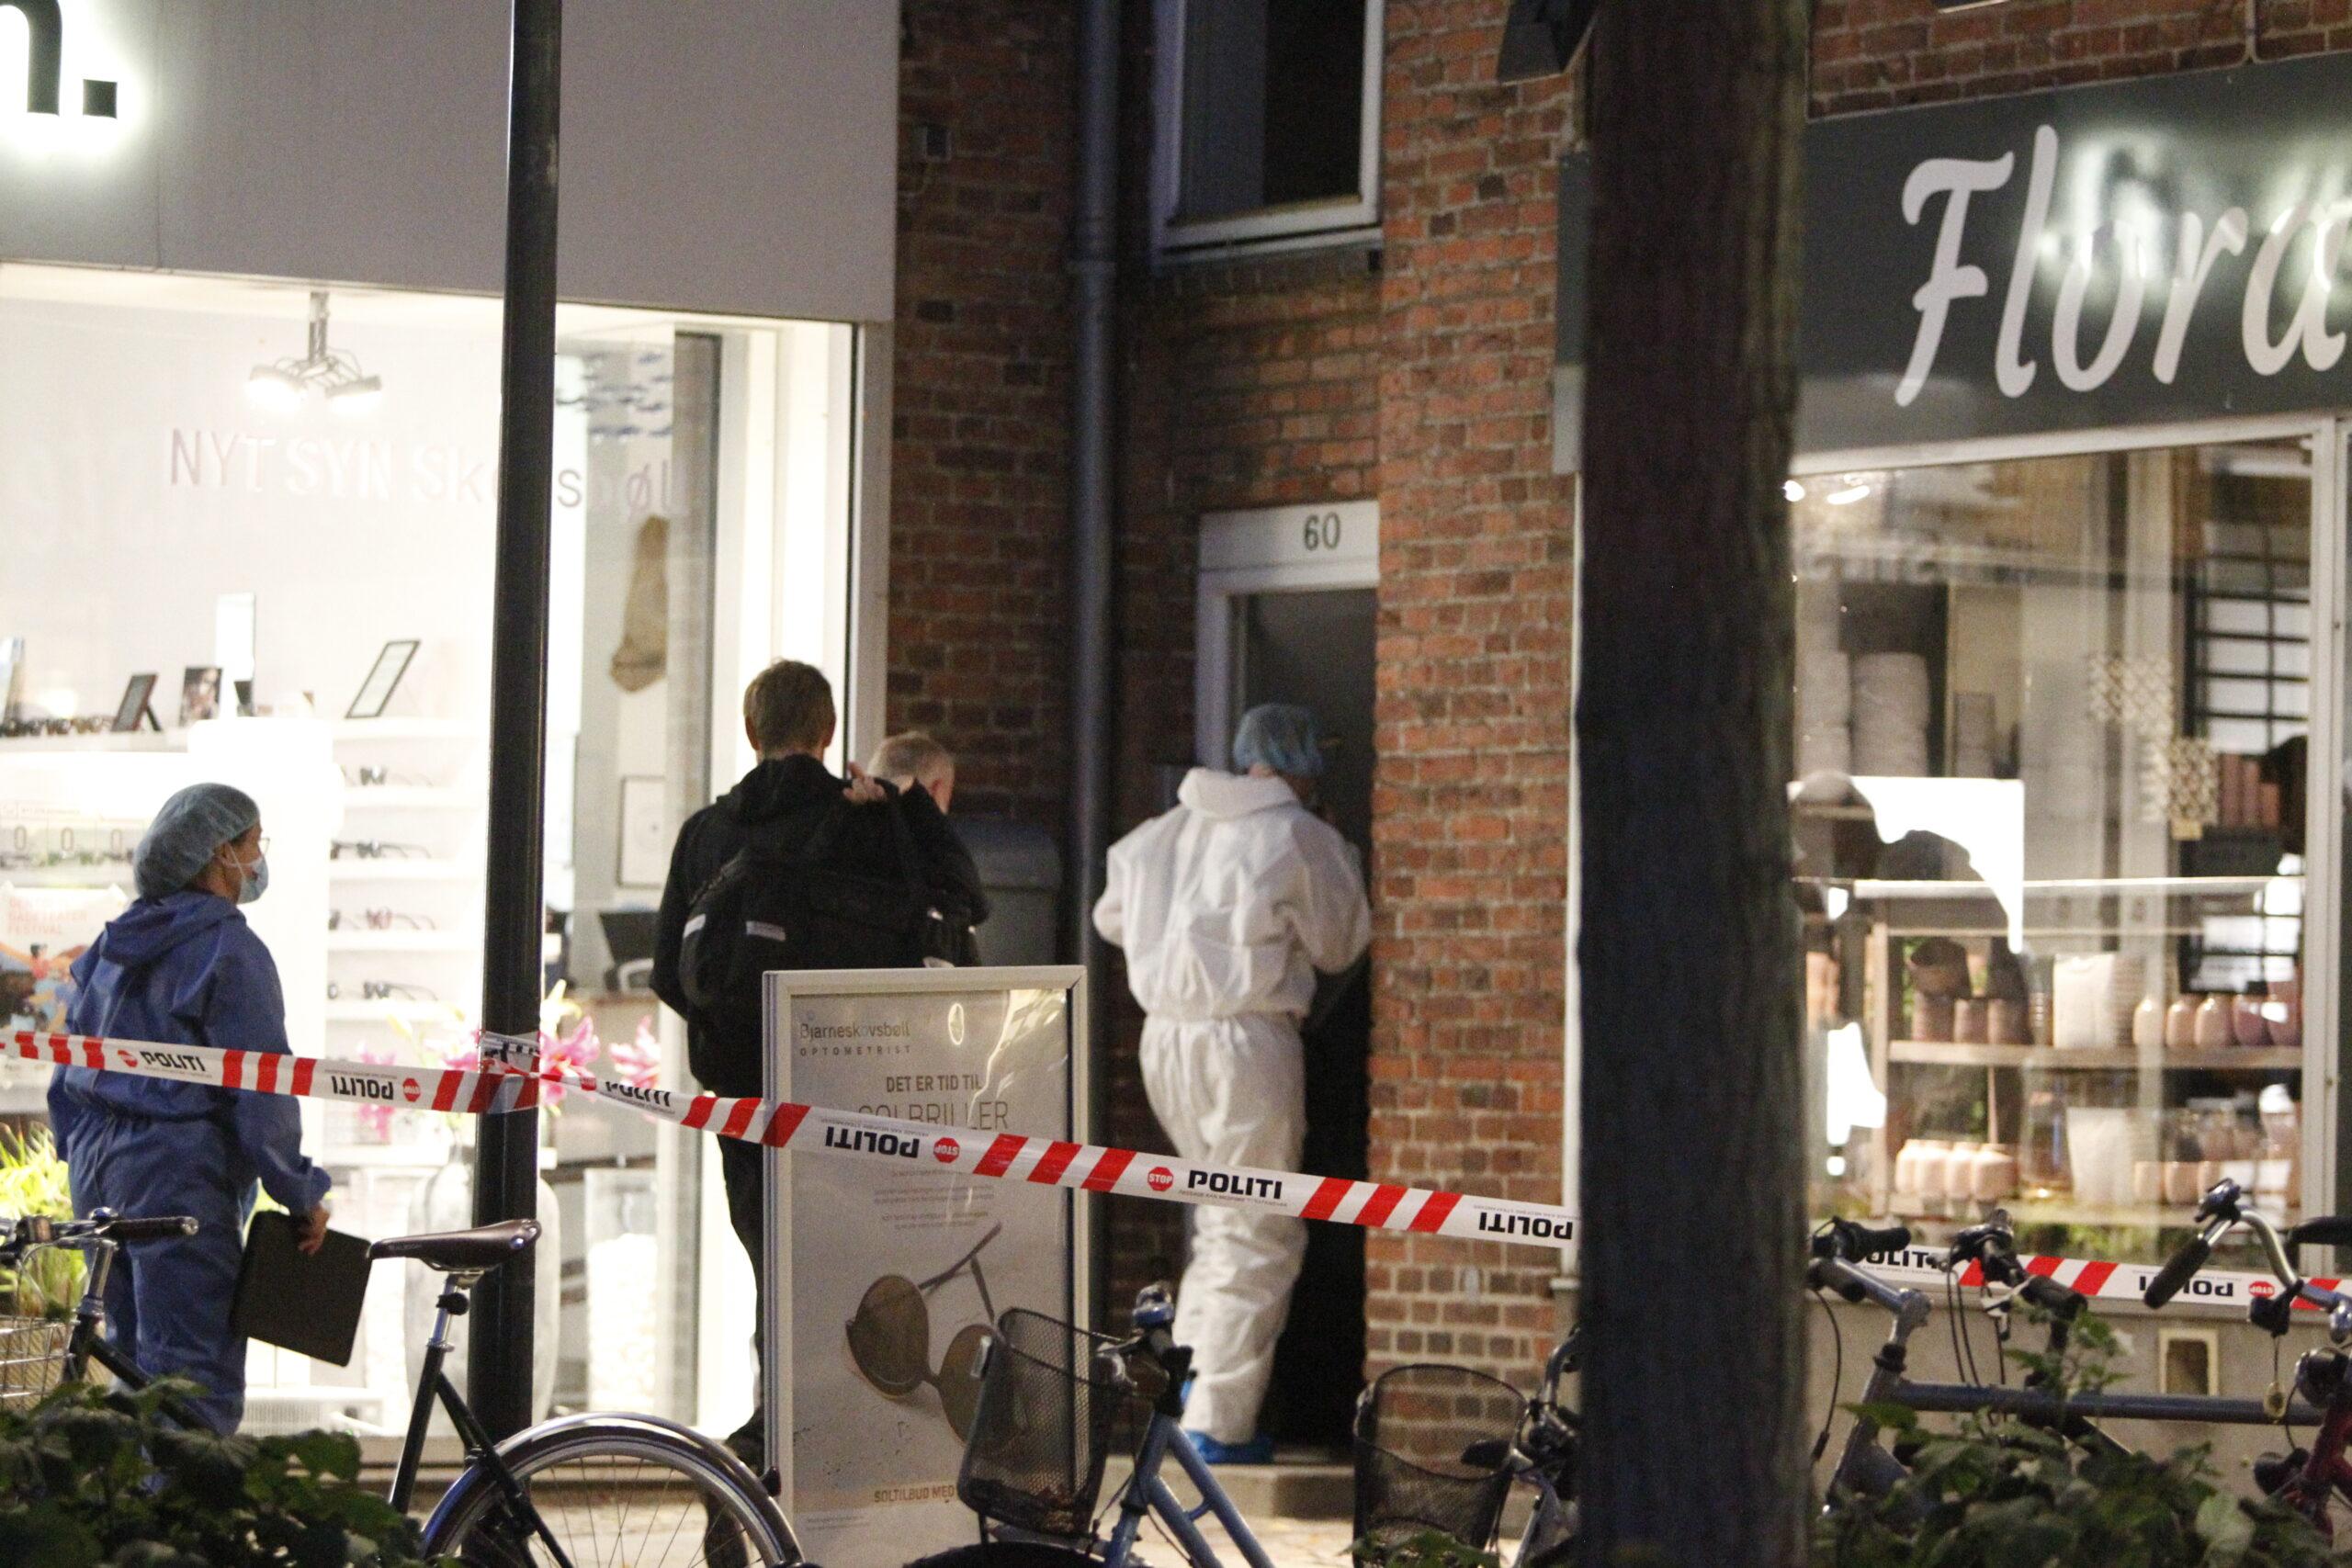 Stort politiaktion efter dødsfald i Gentofte - politi i DNA dragter